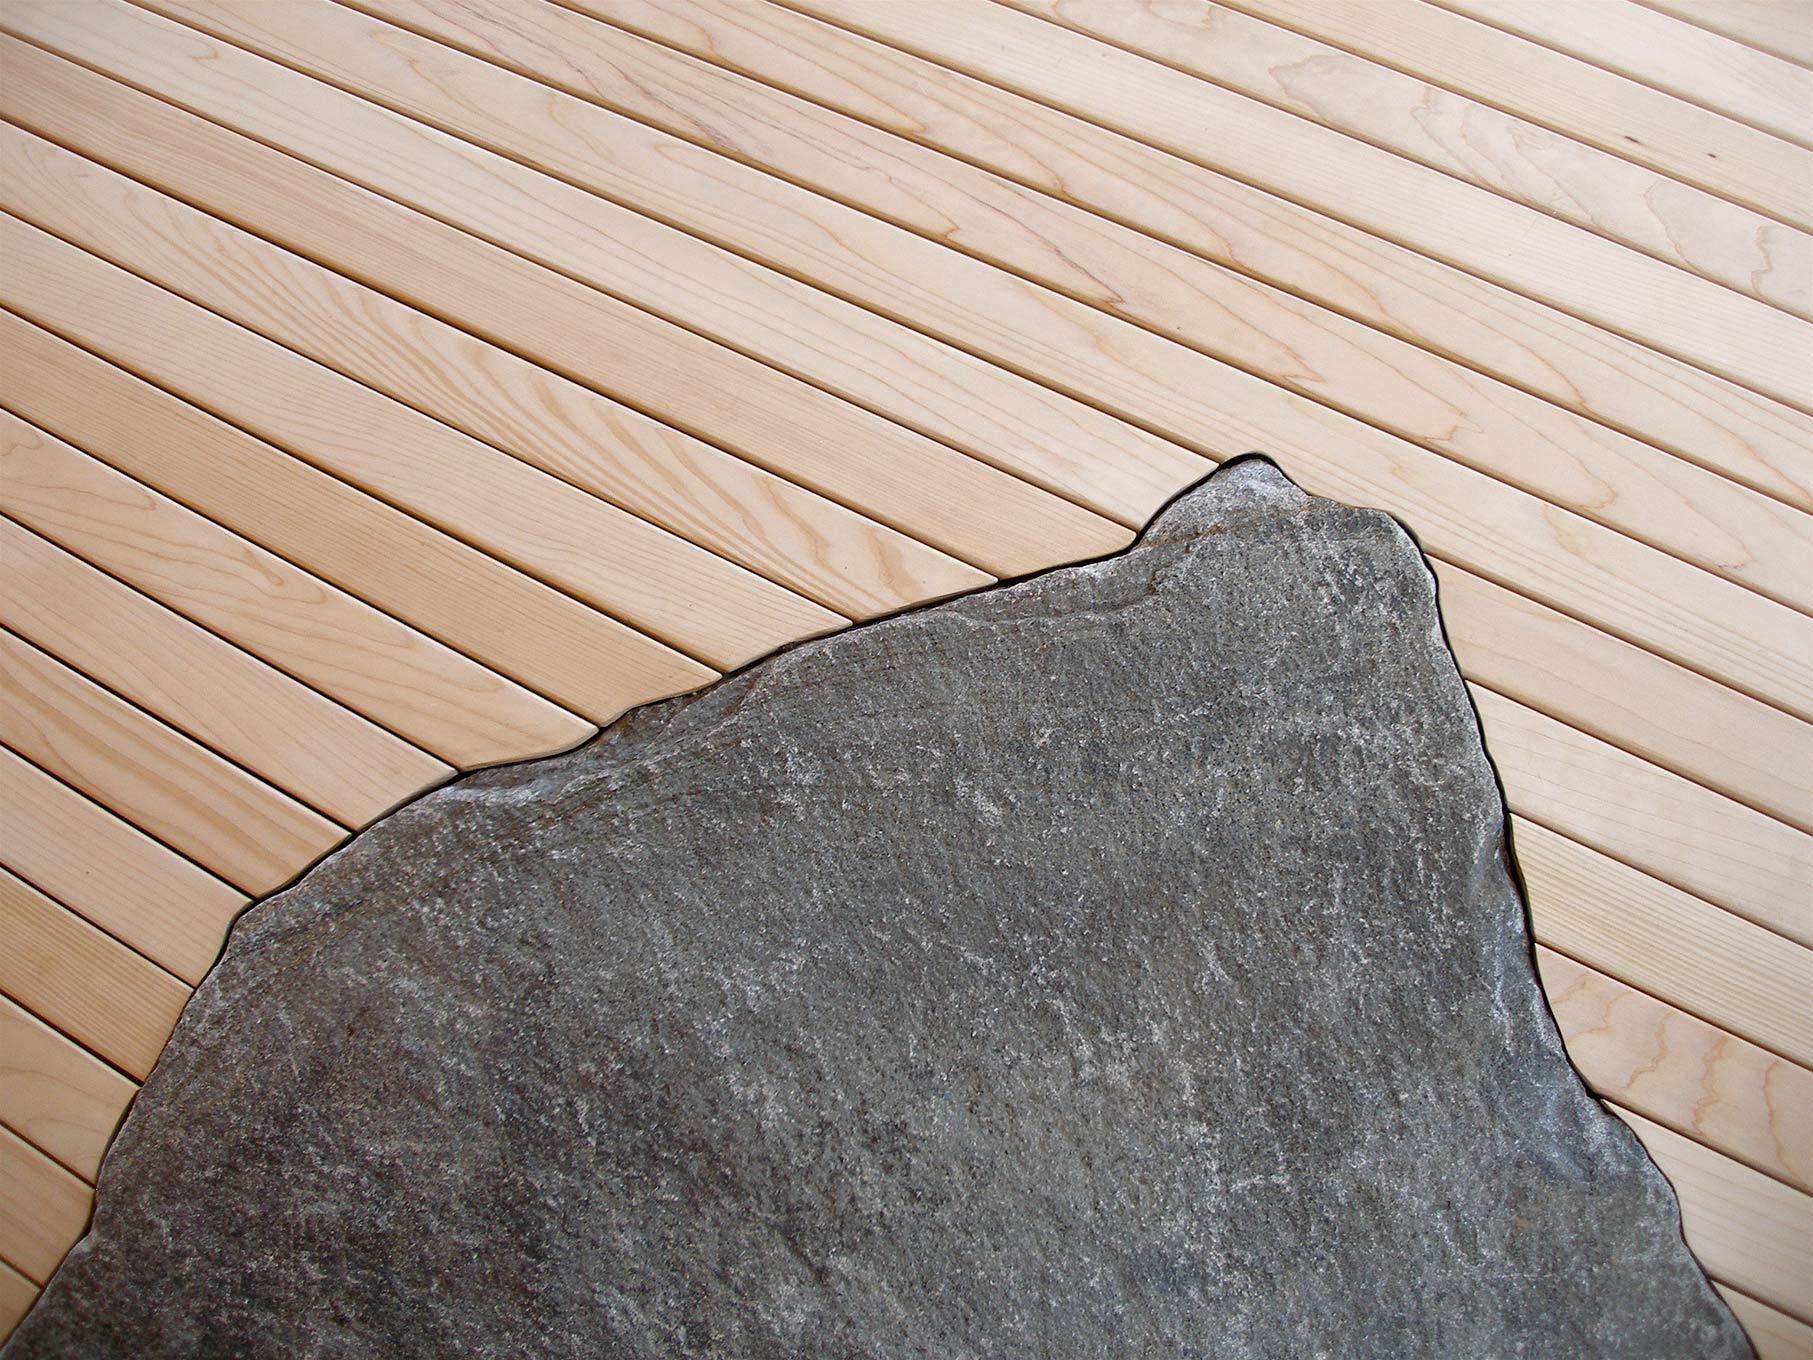 West Wind floor detail; stone meets wood